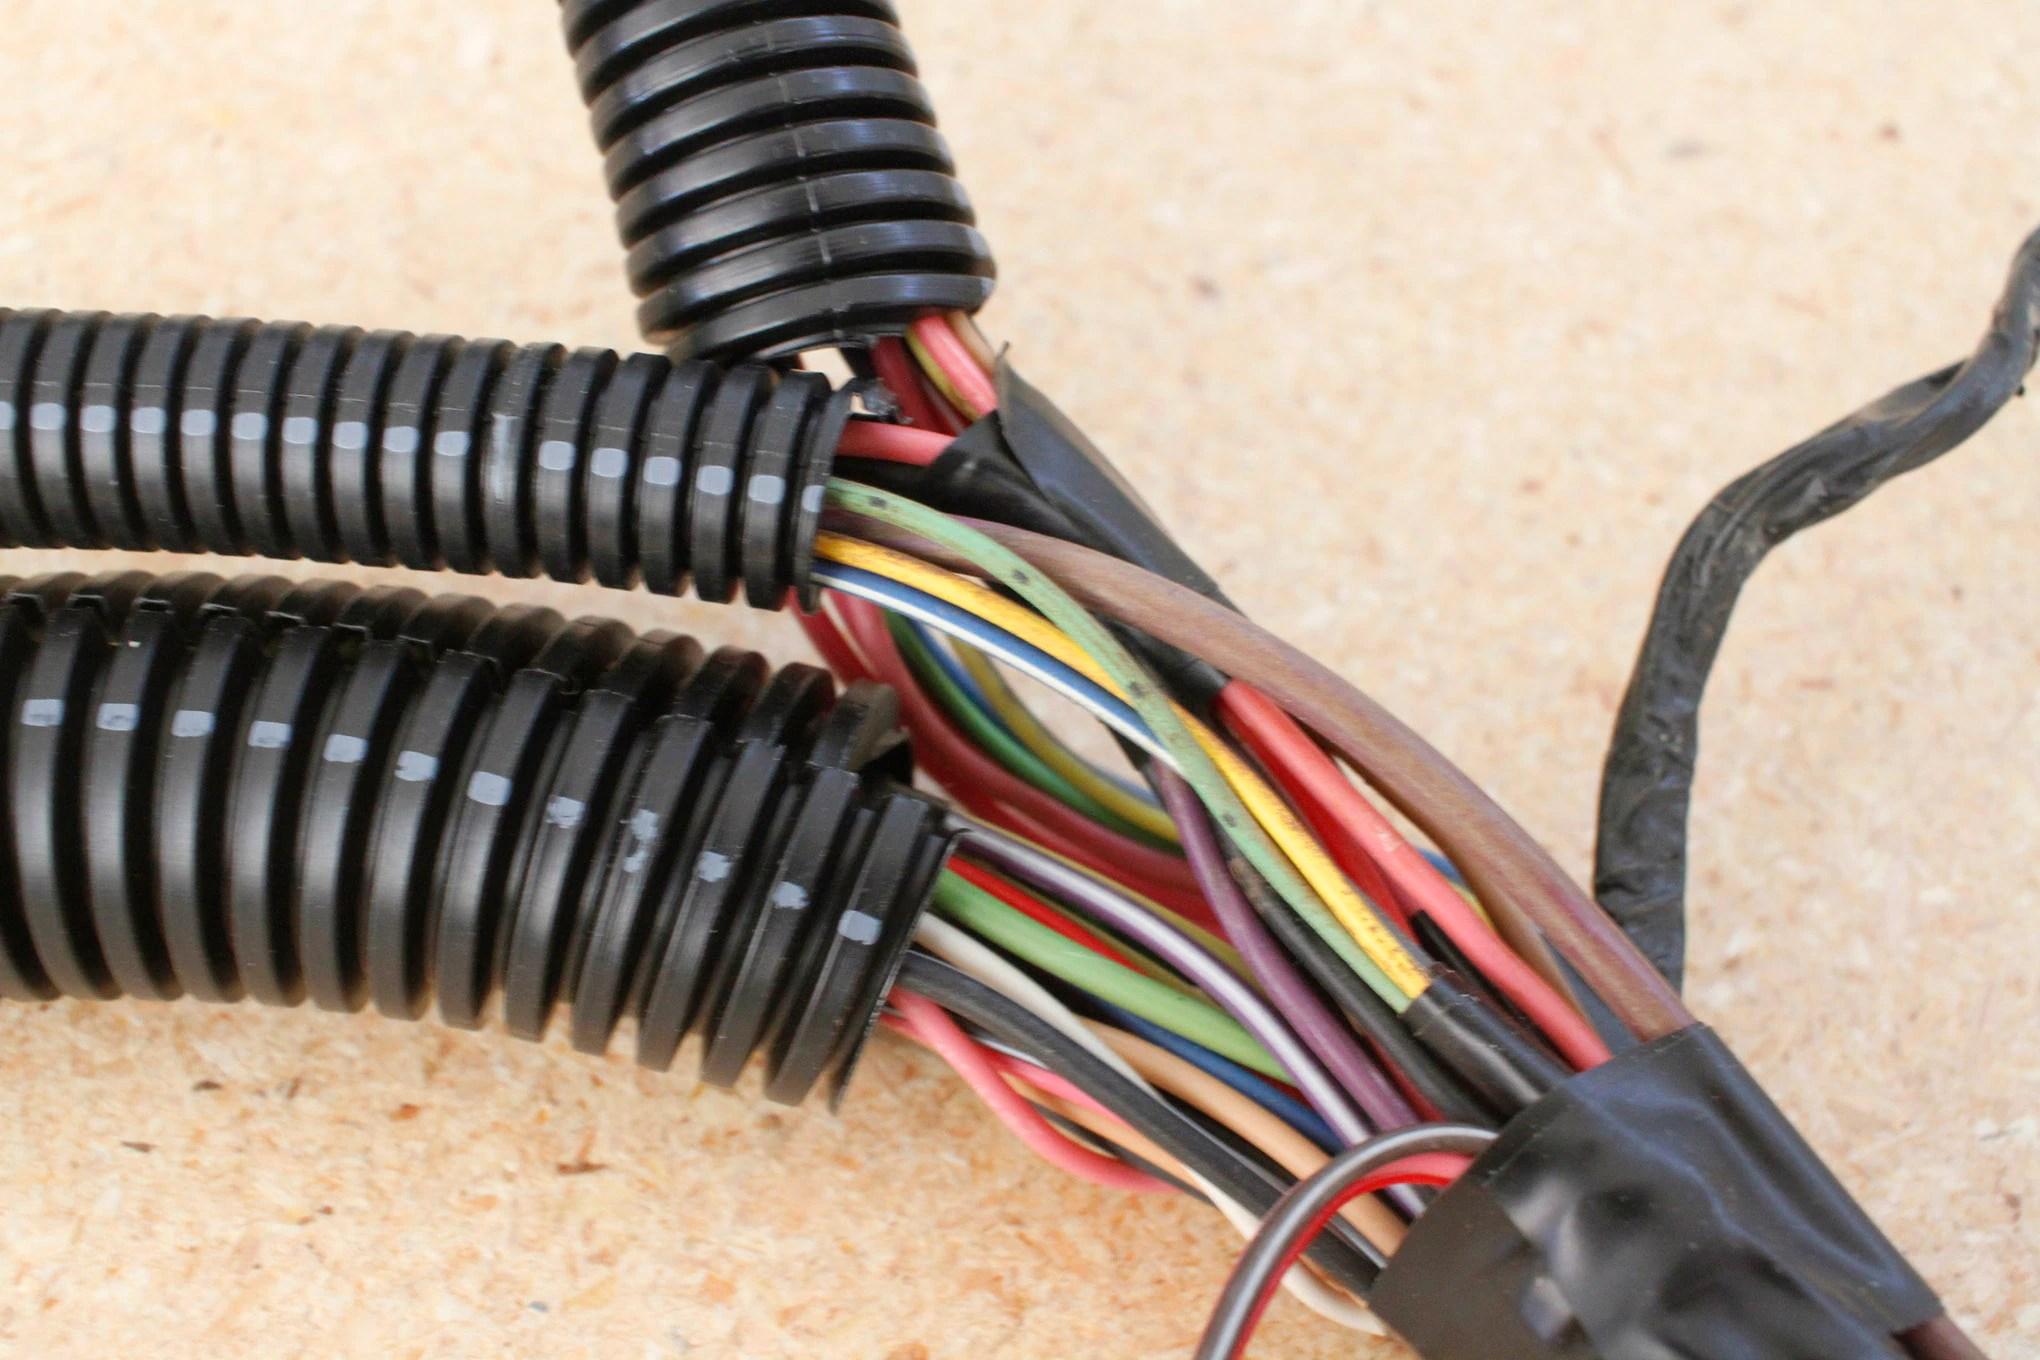 diy wiring schematics wiring diagram forward diy wiring schematics [ 2040 x 1360 Pixel ]